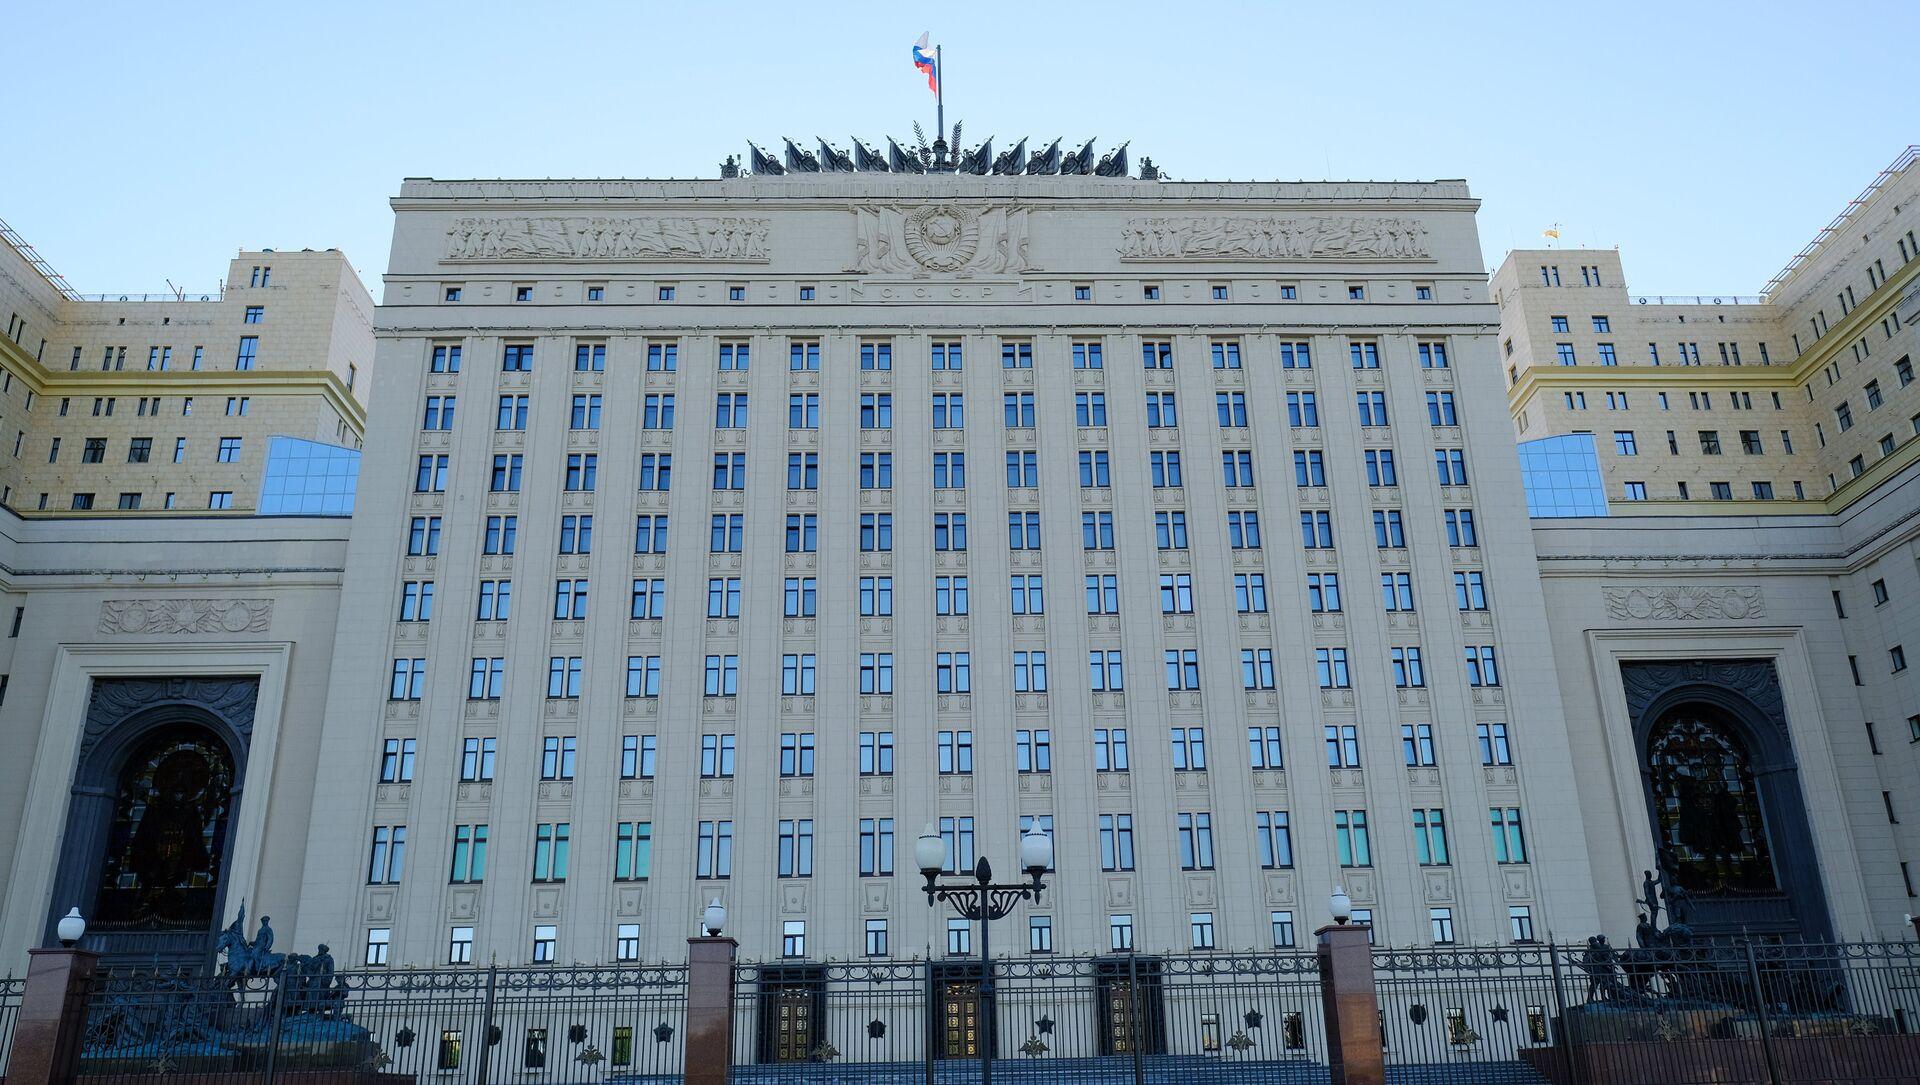 Zgrada Ministarstva odbrane Rusije u Moskvi - Sputnik Srbija, 1920, 09.02.2021